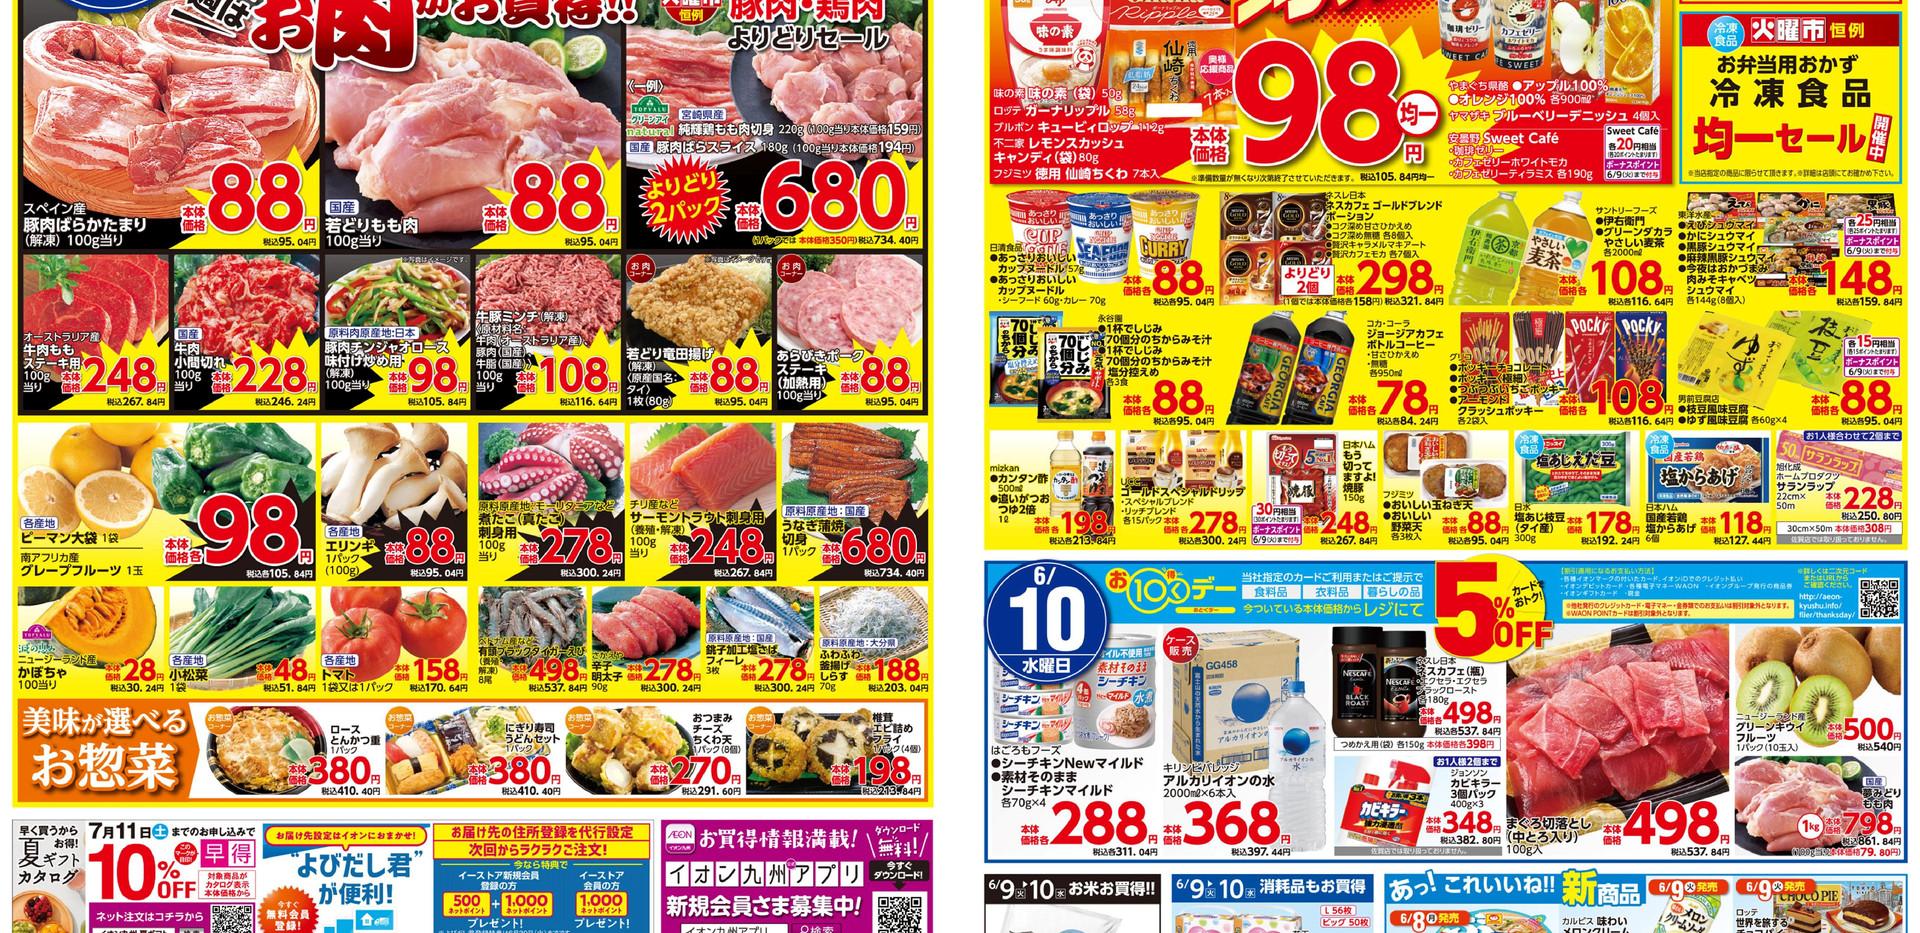 イオン天草店のチラシと店舗情報|シュフー Shufoo! チラシ検索.jpg